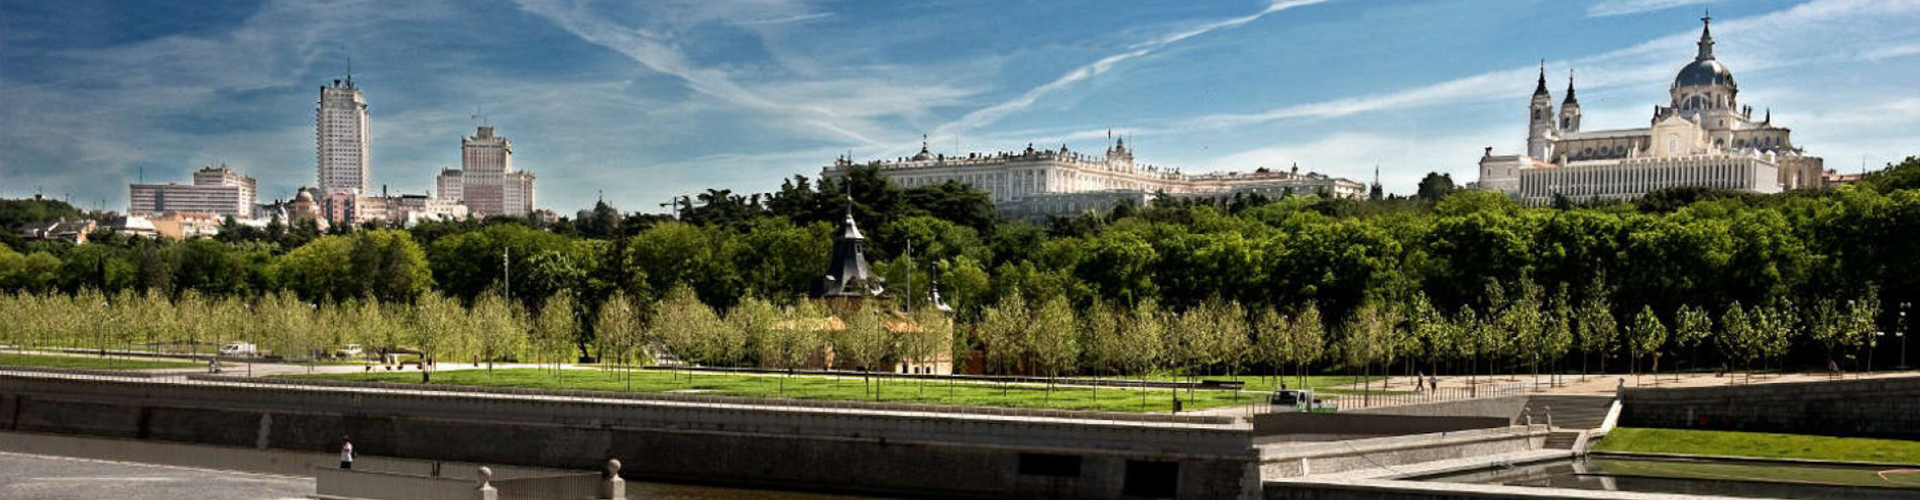 Panoramica de Madrid desde el río